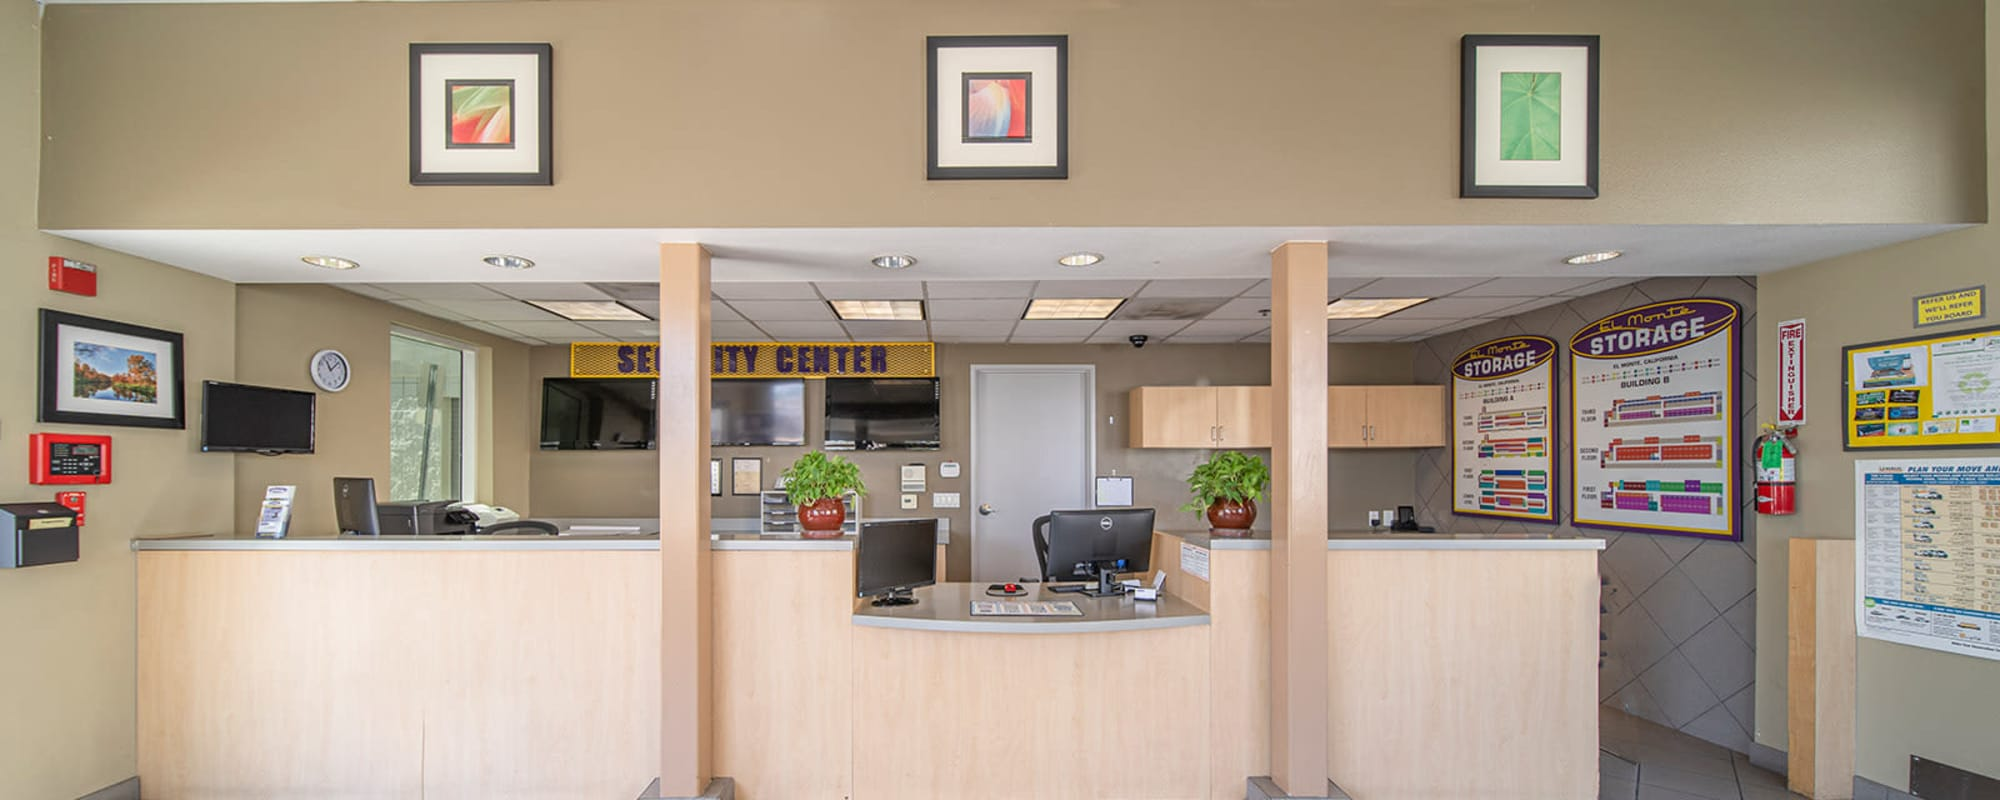 The front office desk at El Monte Storage in El Monte, California